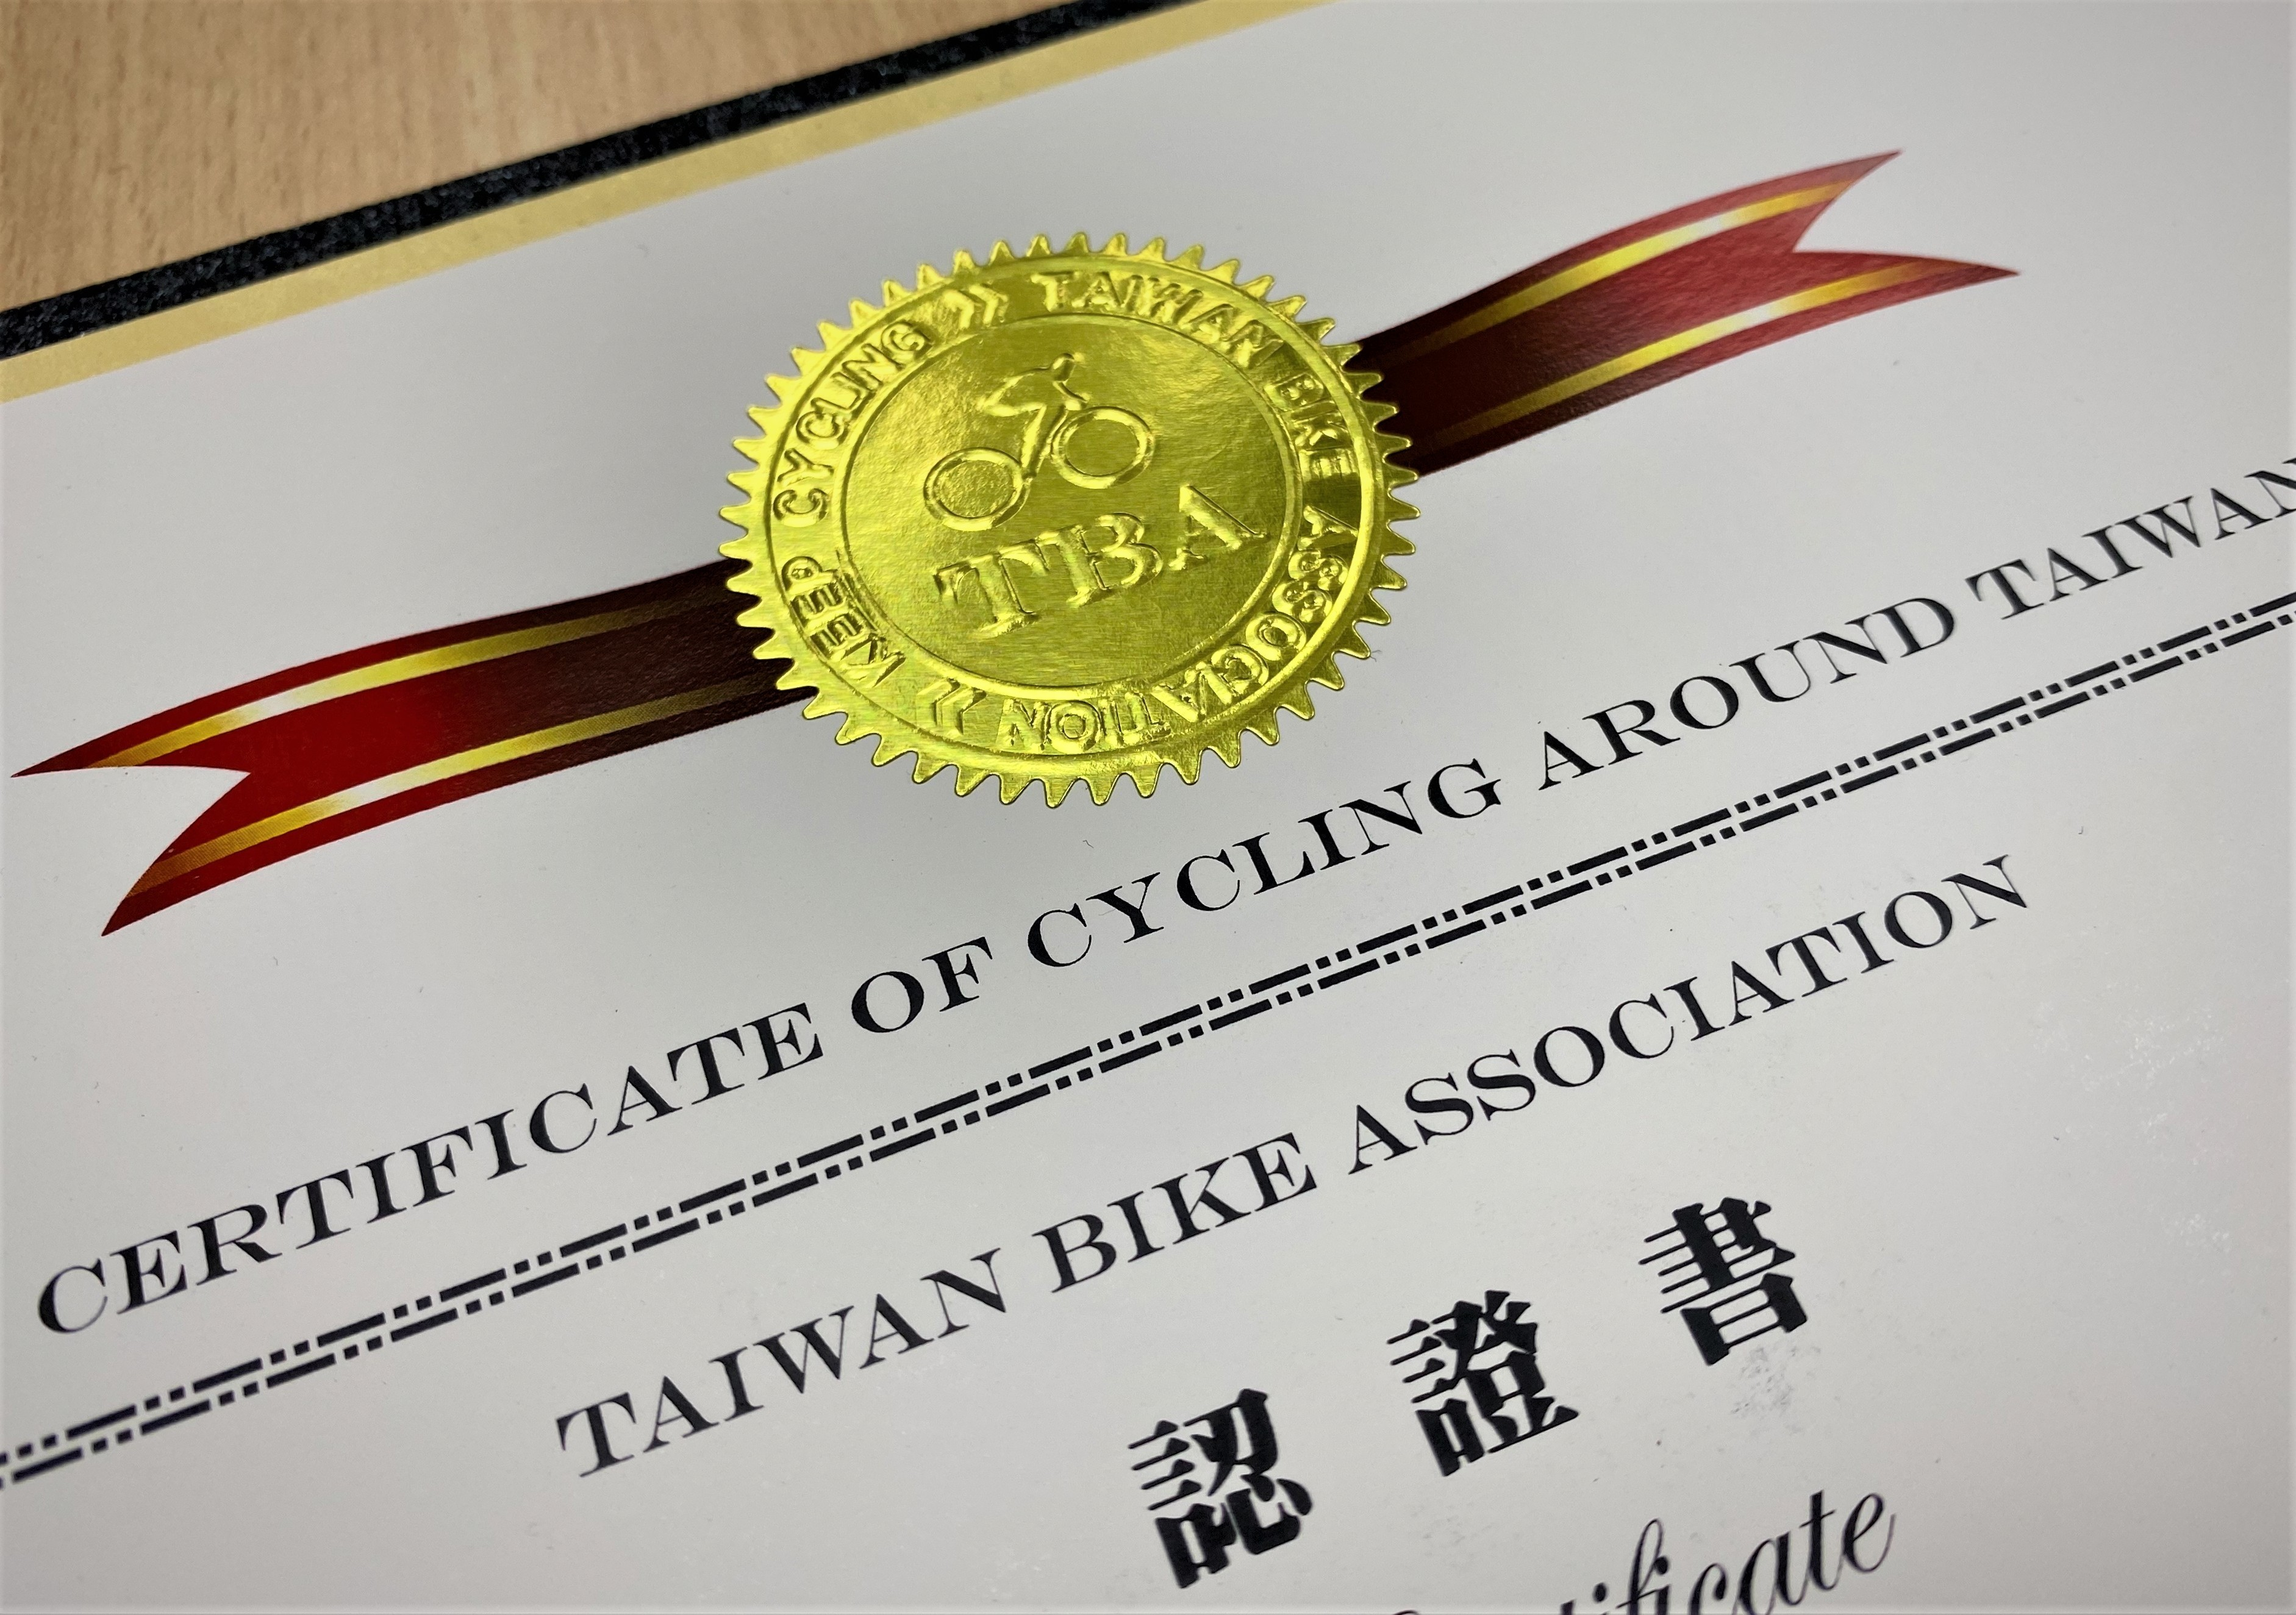 由中華民國自行車協會審核後給予認證,兼具公信力與紀念價值。